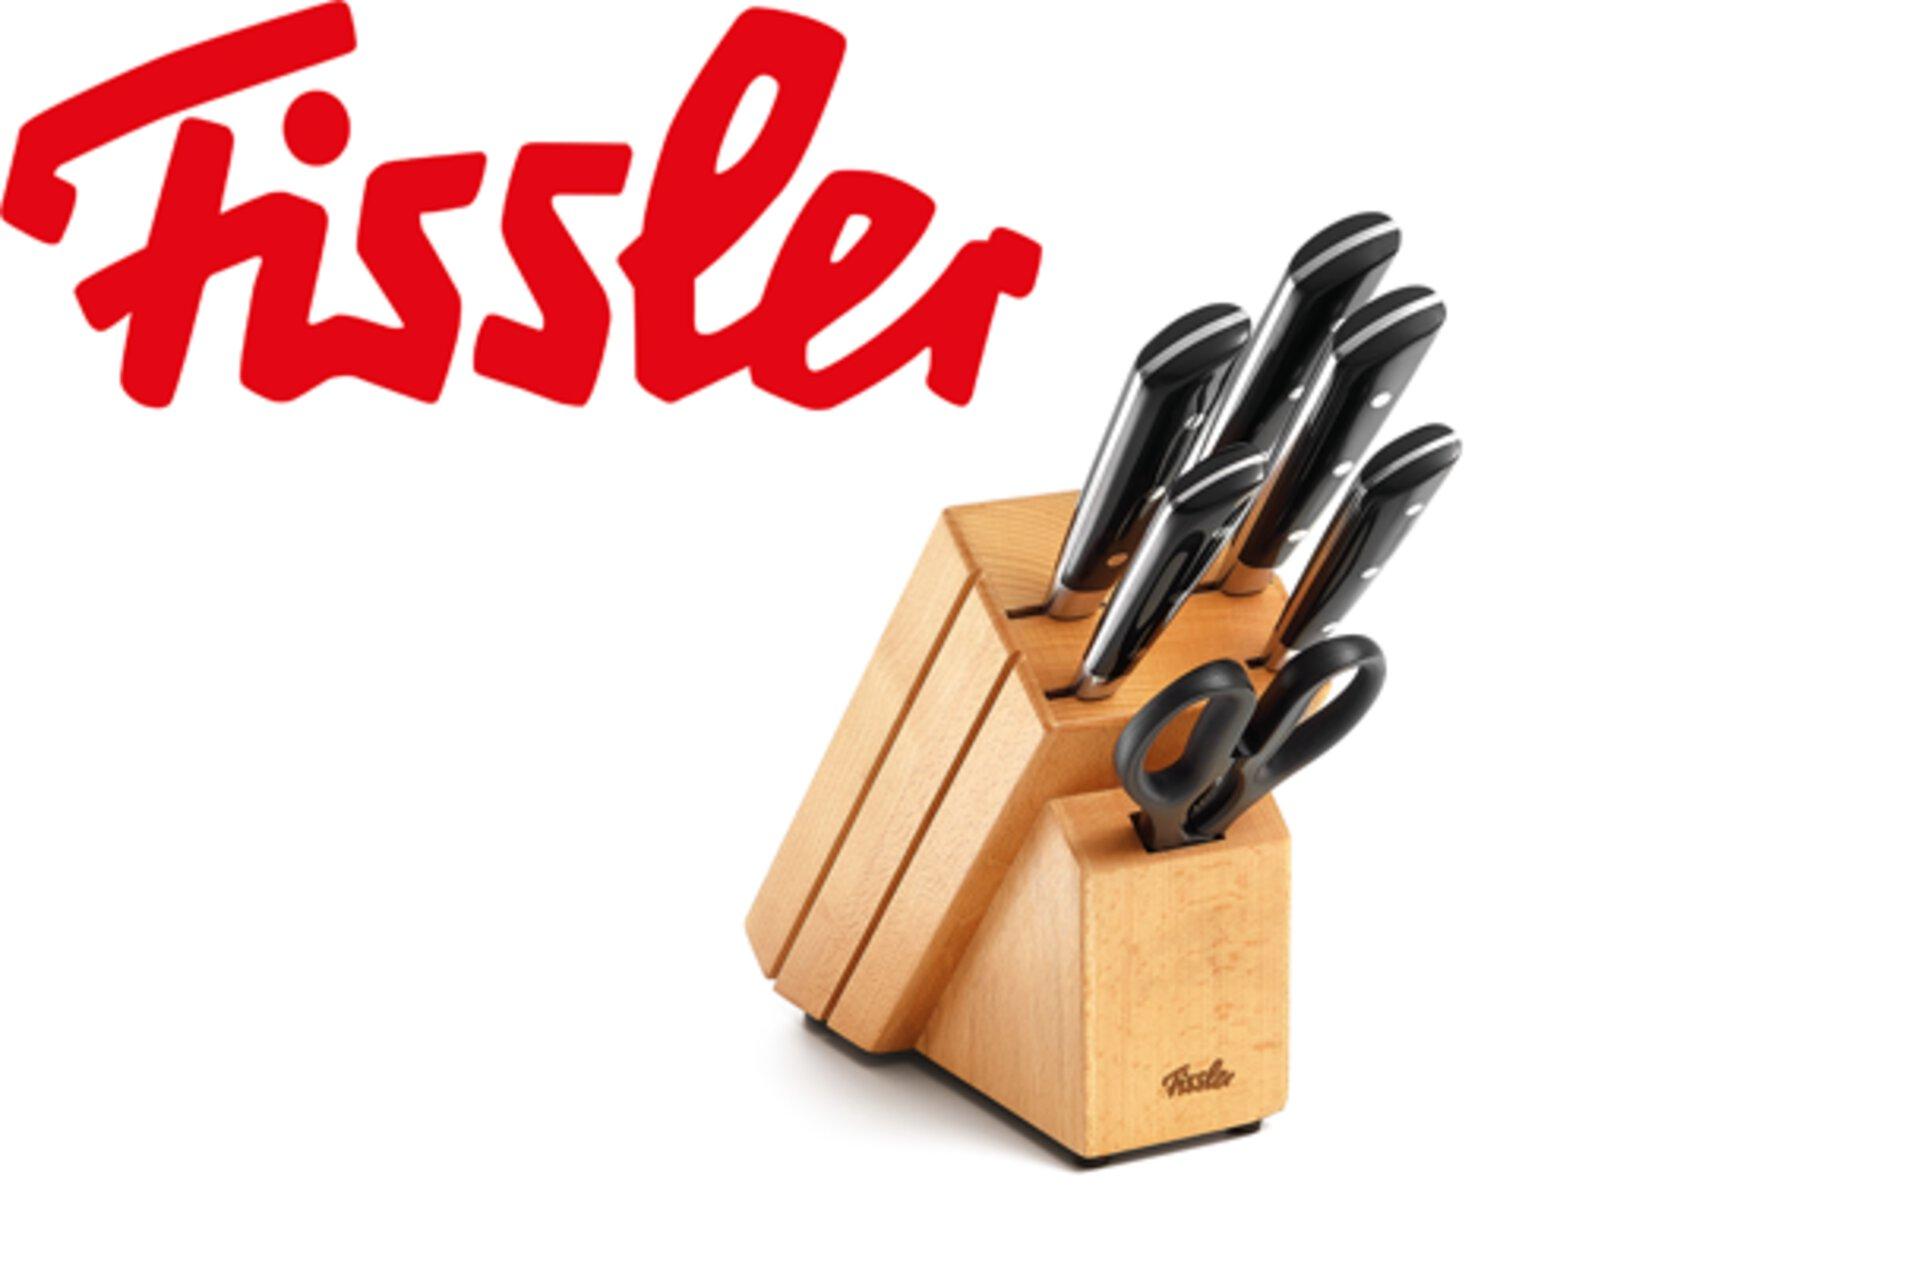 Fissler, Möbel Inhofer, Messer, Haushalt, Haushaltwaren, Küche, Kochen